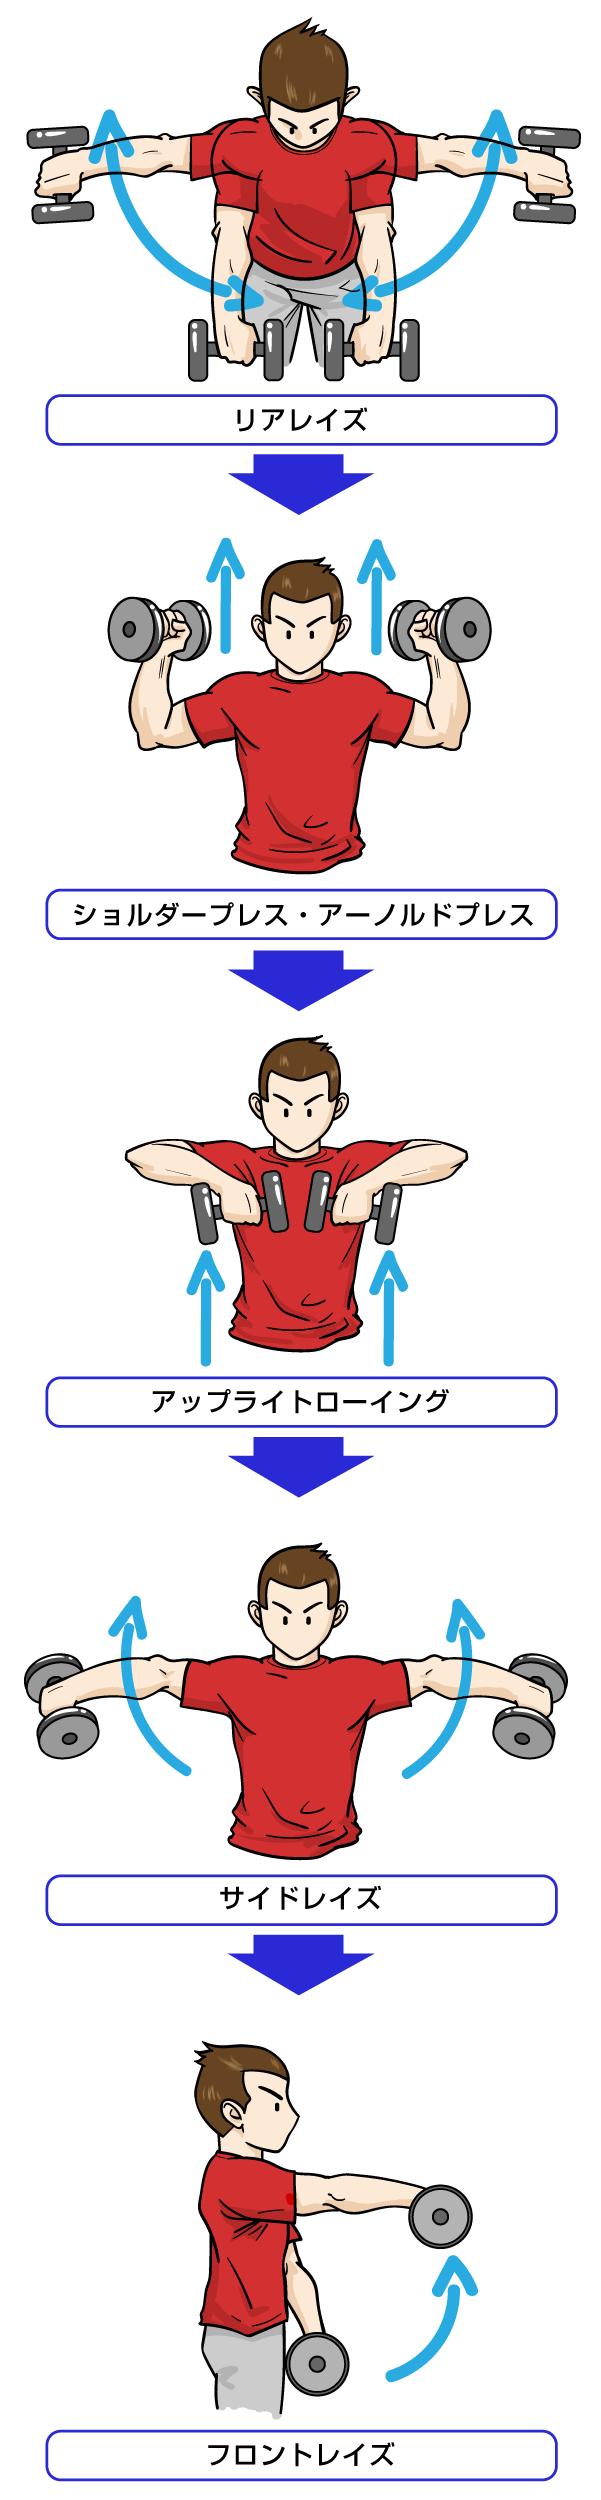 最後に私の肩トレ、追い込みローテーション